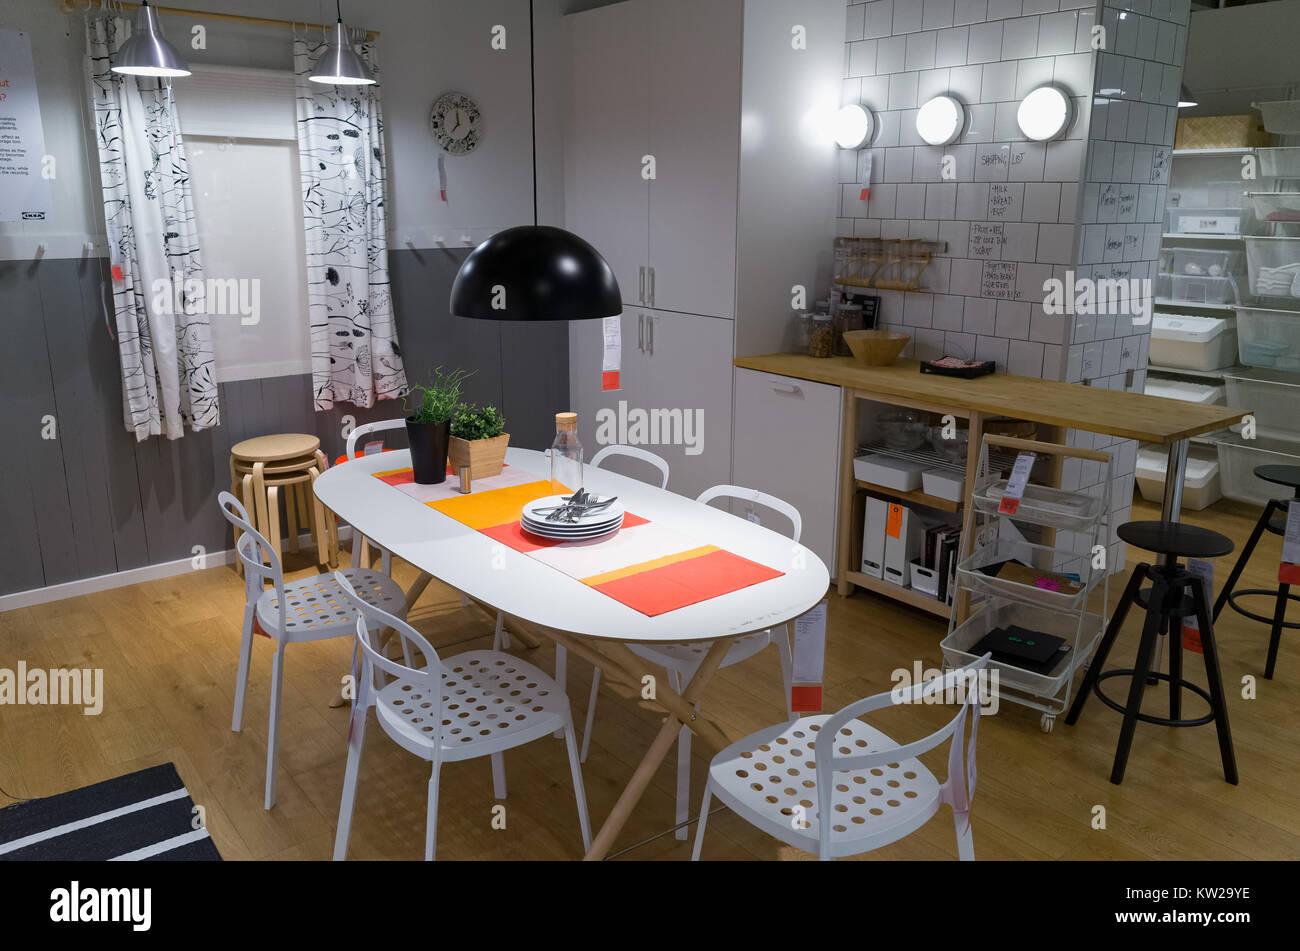 Excepcional Lista Ikea Precio Cocina Australia Colección - Ideas Del ...